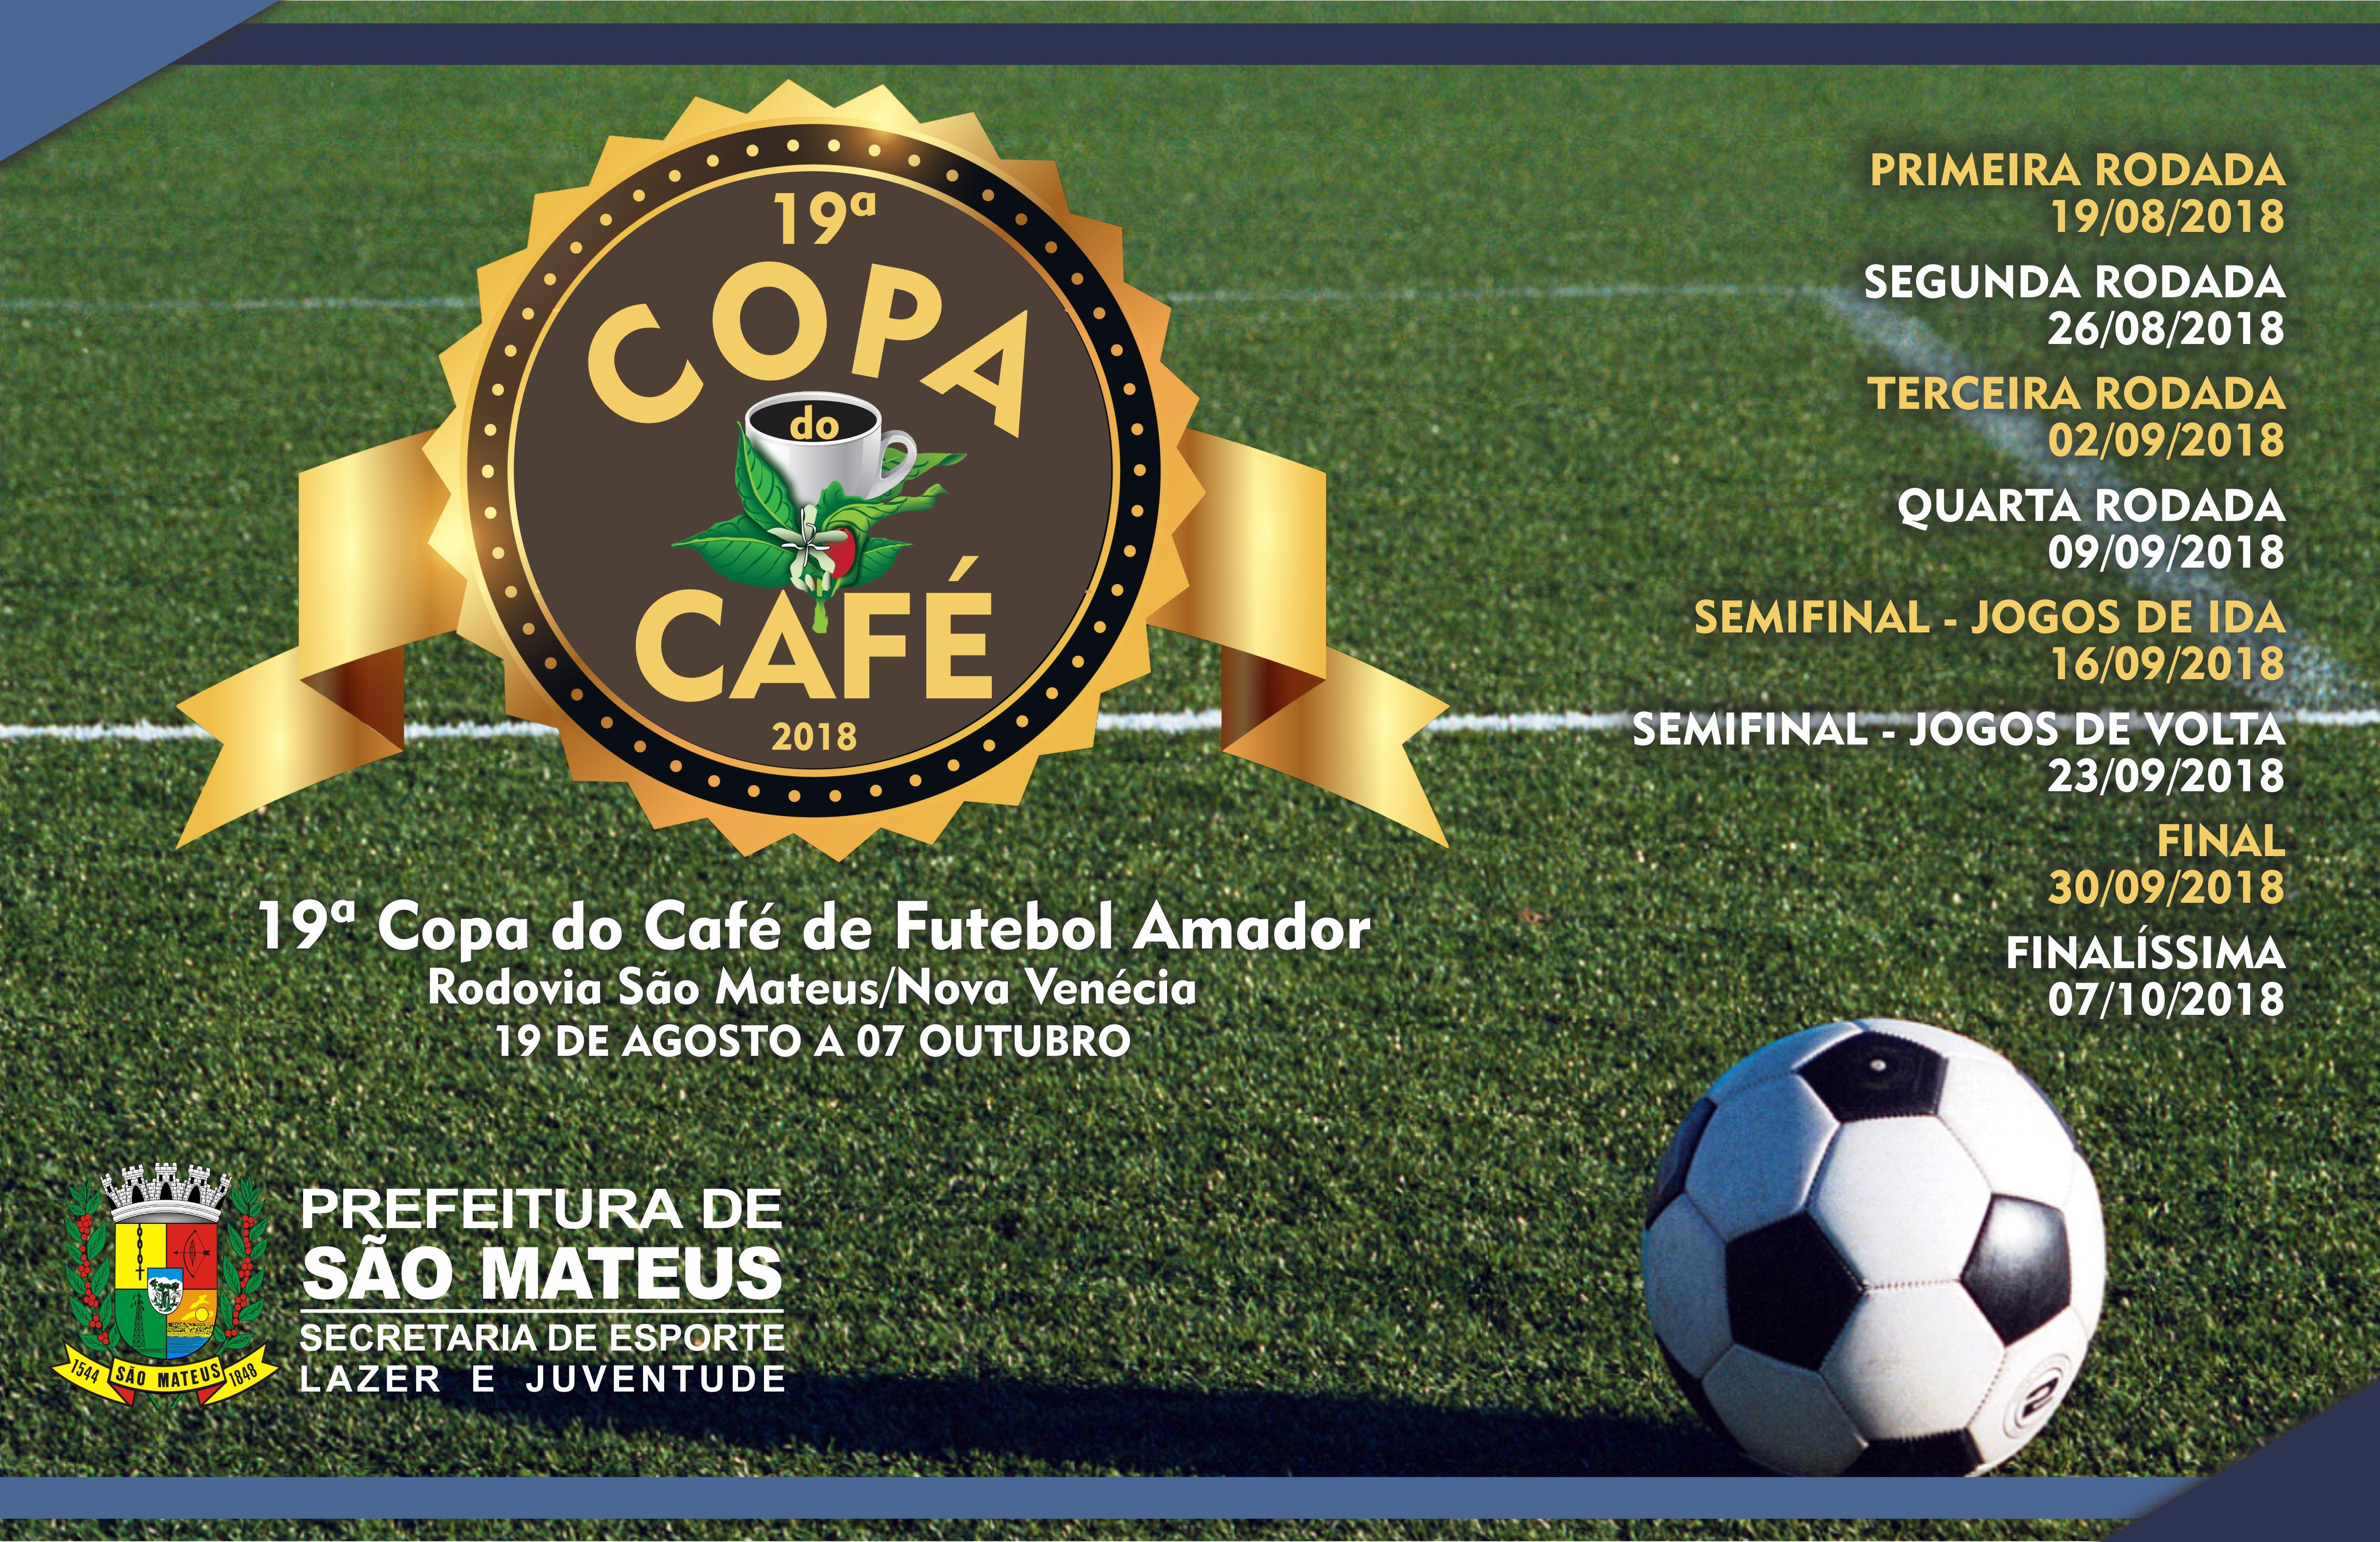 19ª Copa Do Café De Futebol Amador